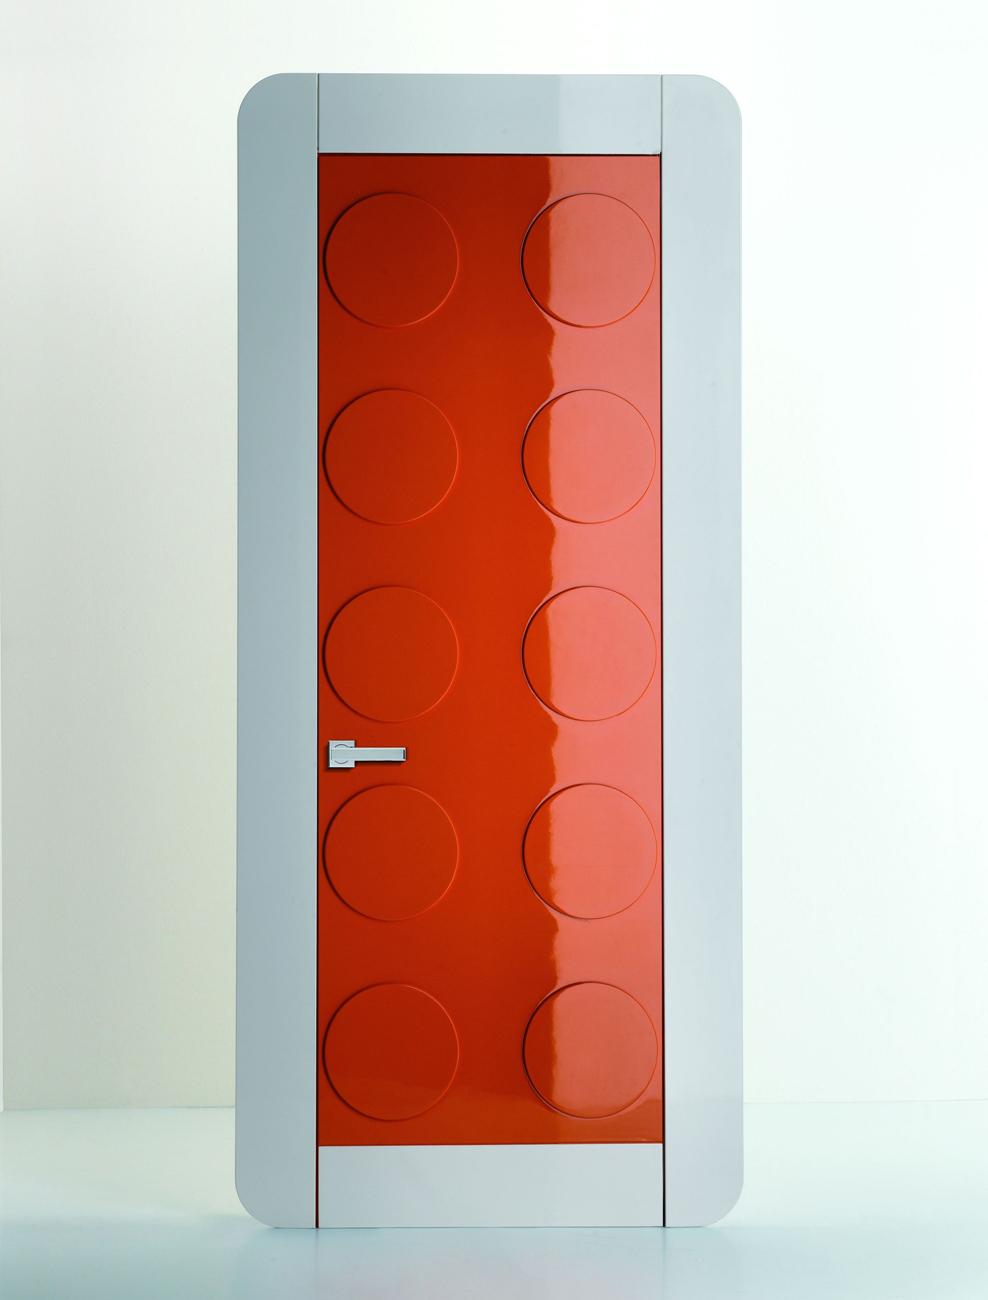 Pail_Coll Eterea+_Game_design by Simone Micheli